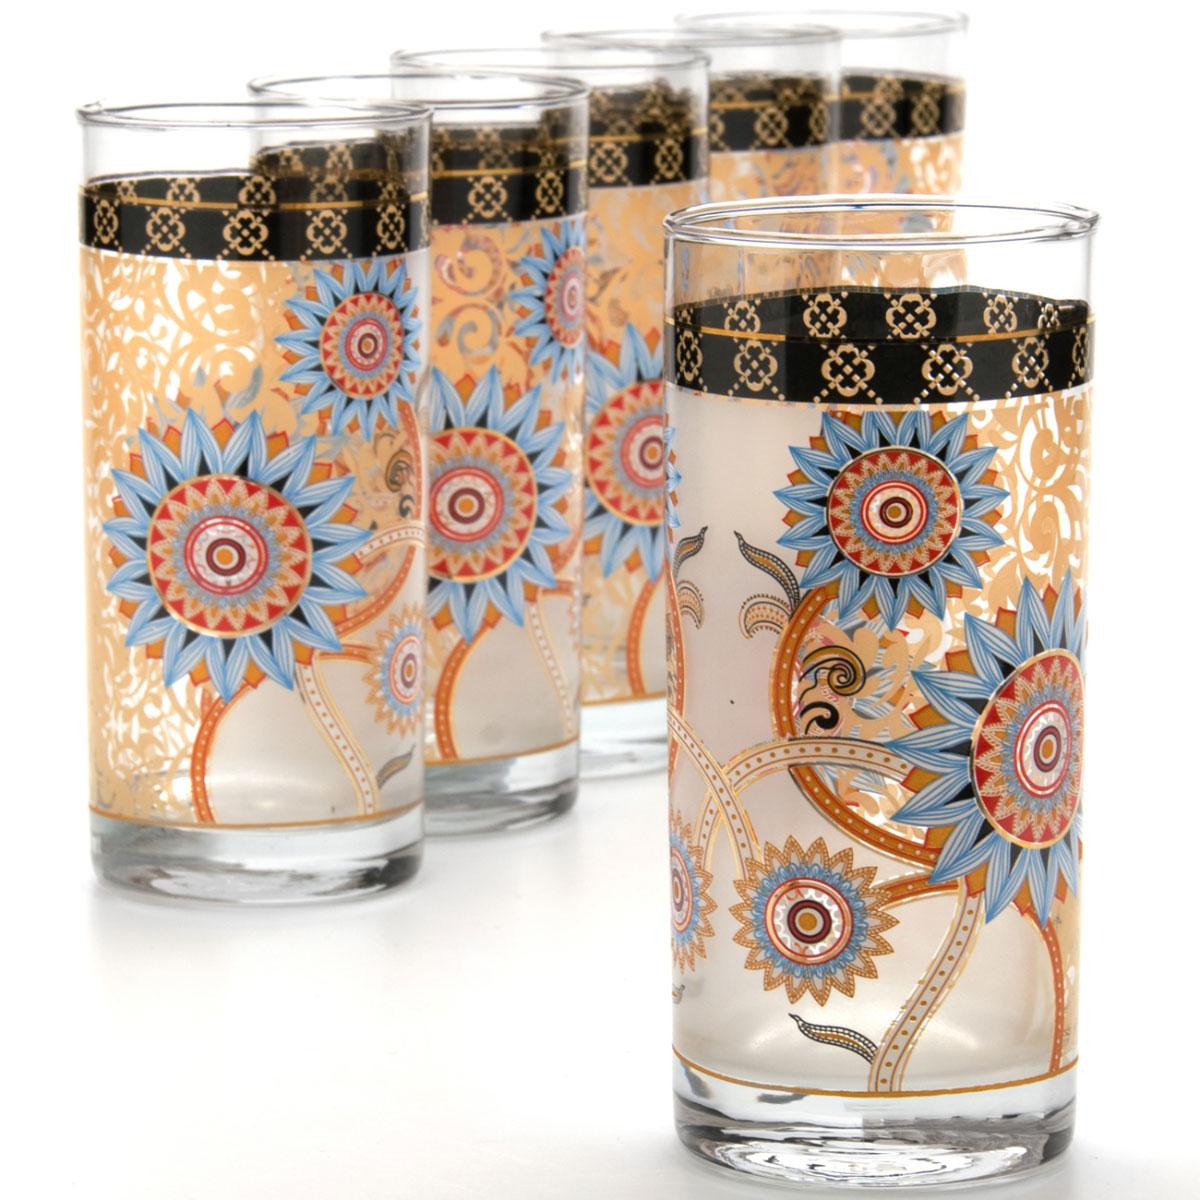 Набор стаканов Mayer & Boch, 370 мл, 6 шт. 2407724077Набор, состоящий из шести стаканов, несомненно, придется вам по душе.Стаканы выполнены из высококачественного стекла в мягких тонах с оригинальным узором.Благодаря такому набору пить напитки будет еще вкуснее.Объем стакана: 370 мл.